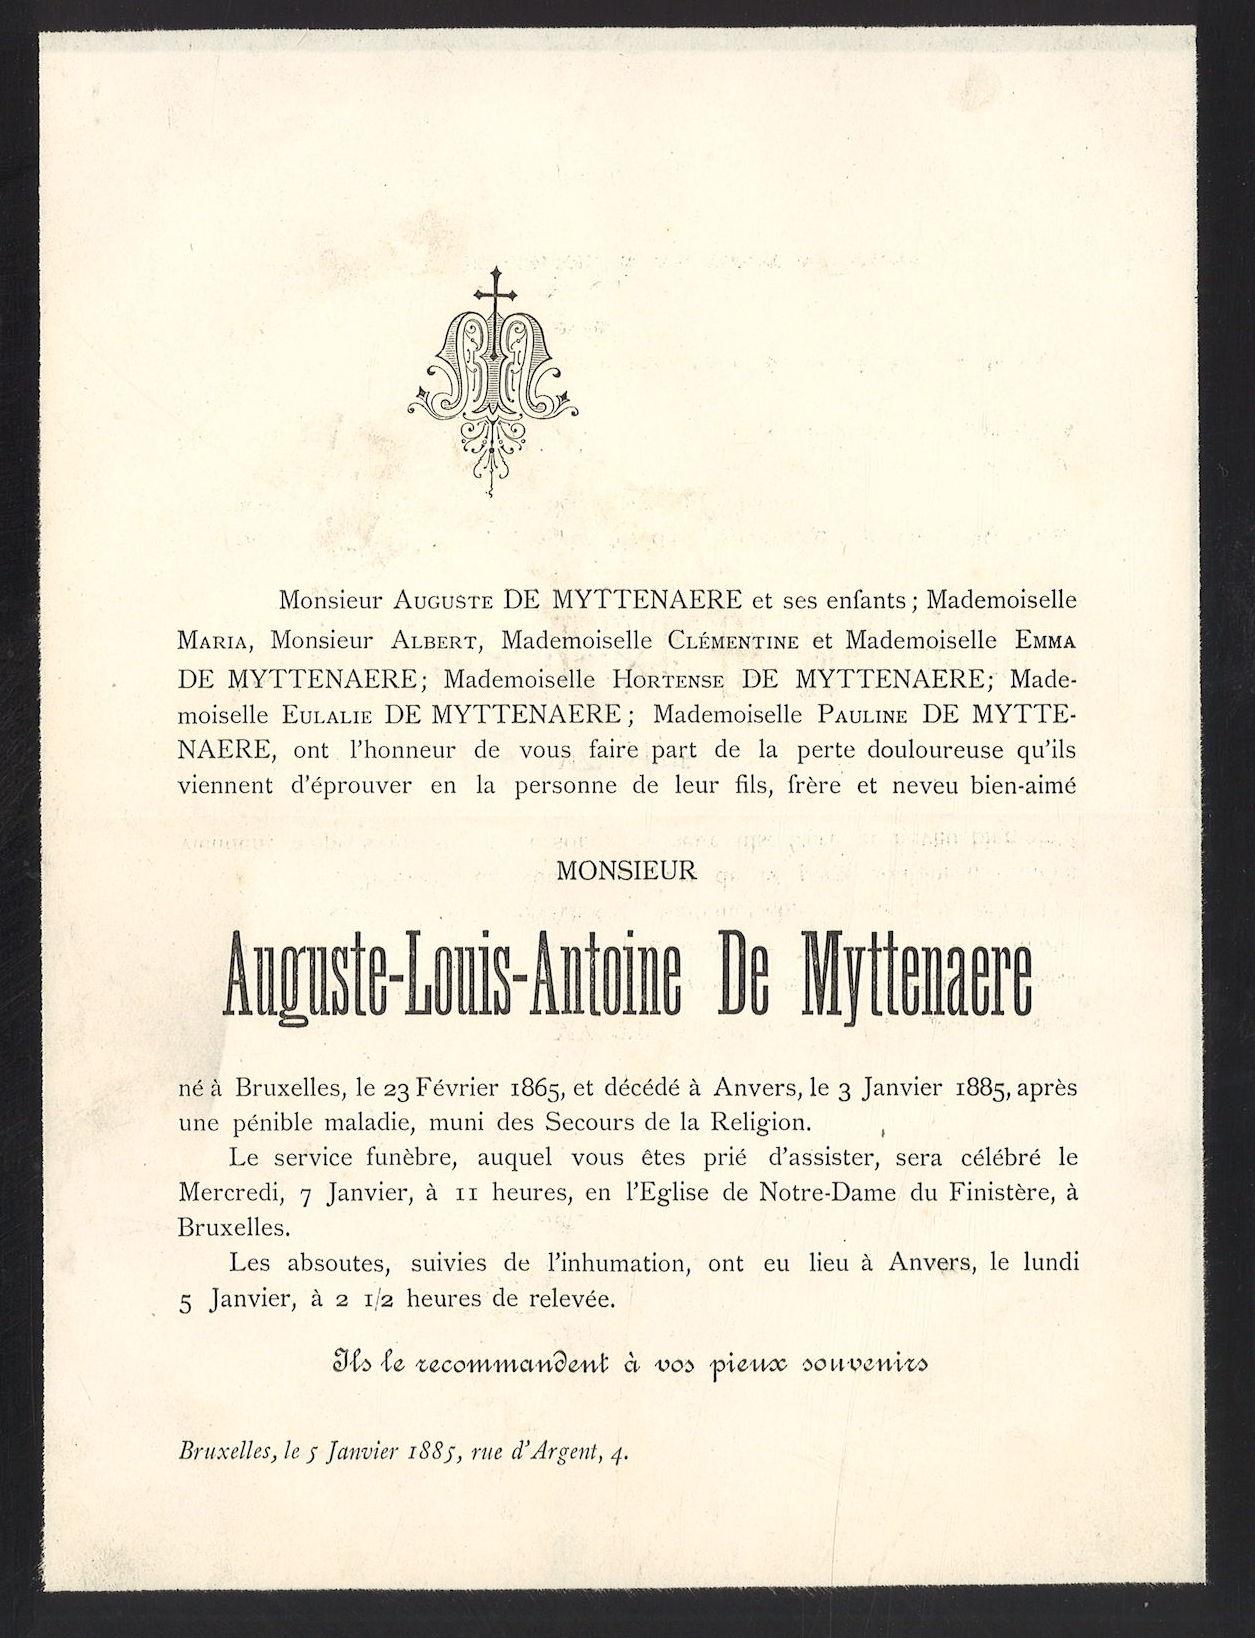 Auguste-Louis-Antoine De Myttenaere